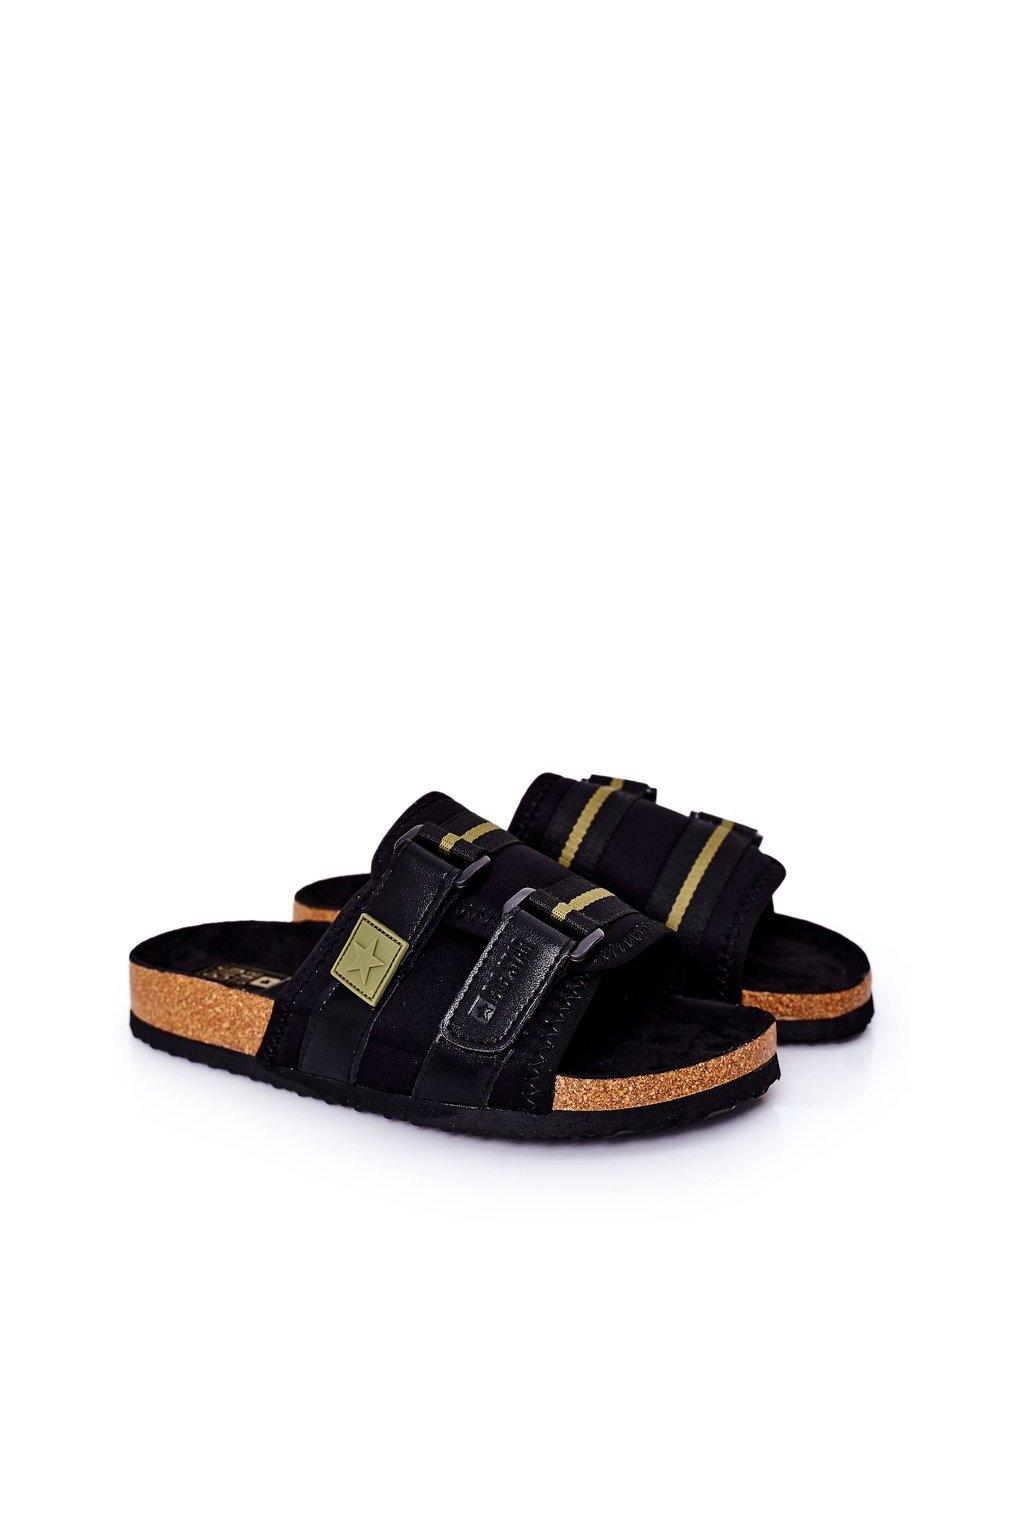 Pánske šľapky farba čierna kód obuvi HH174058 BLK